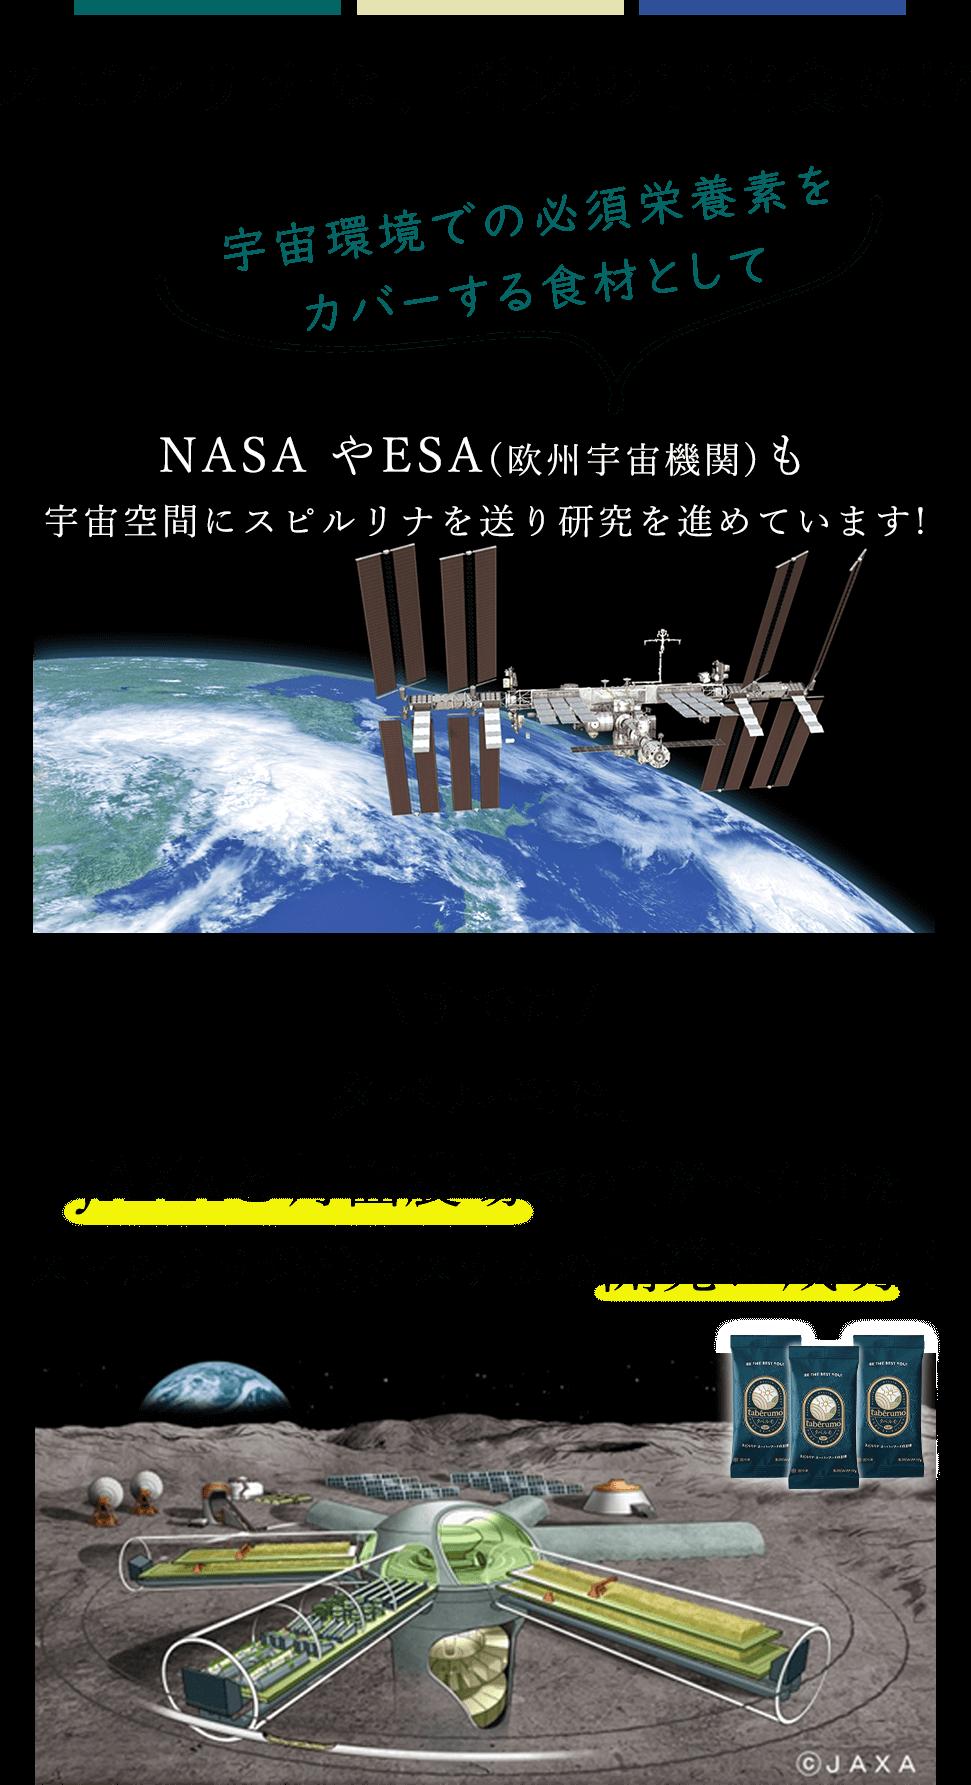 月面でスピルリナ培養システムの開発